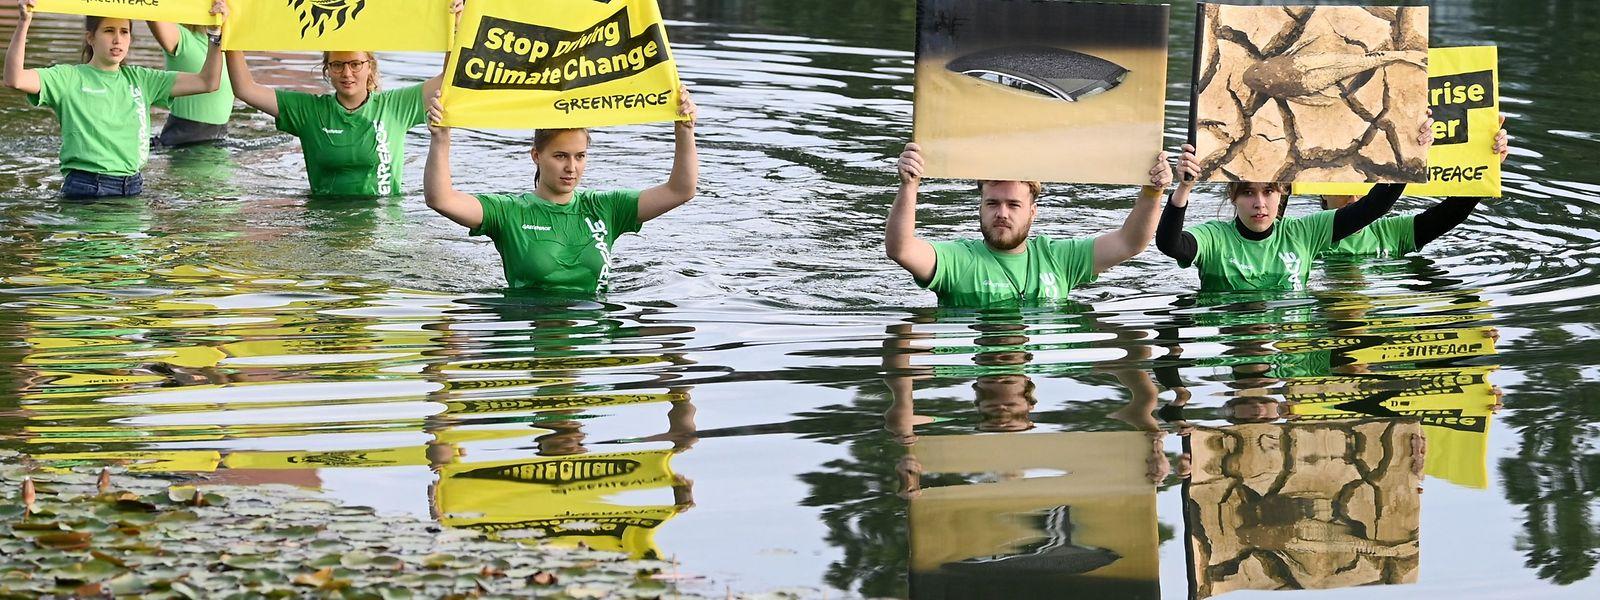 Greenpeace-Aktivisten demonstrieren bei der IAA gegen die Automobilindustrie.